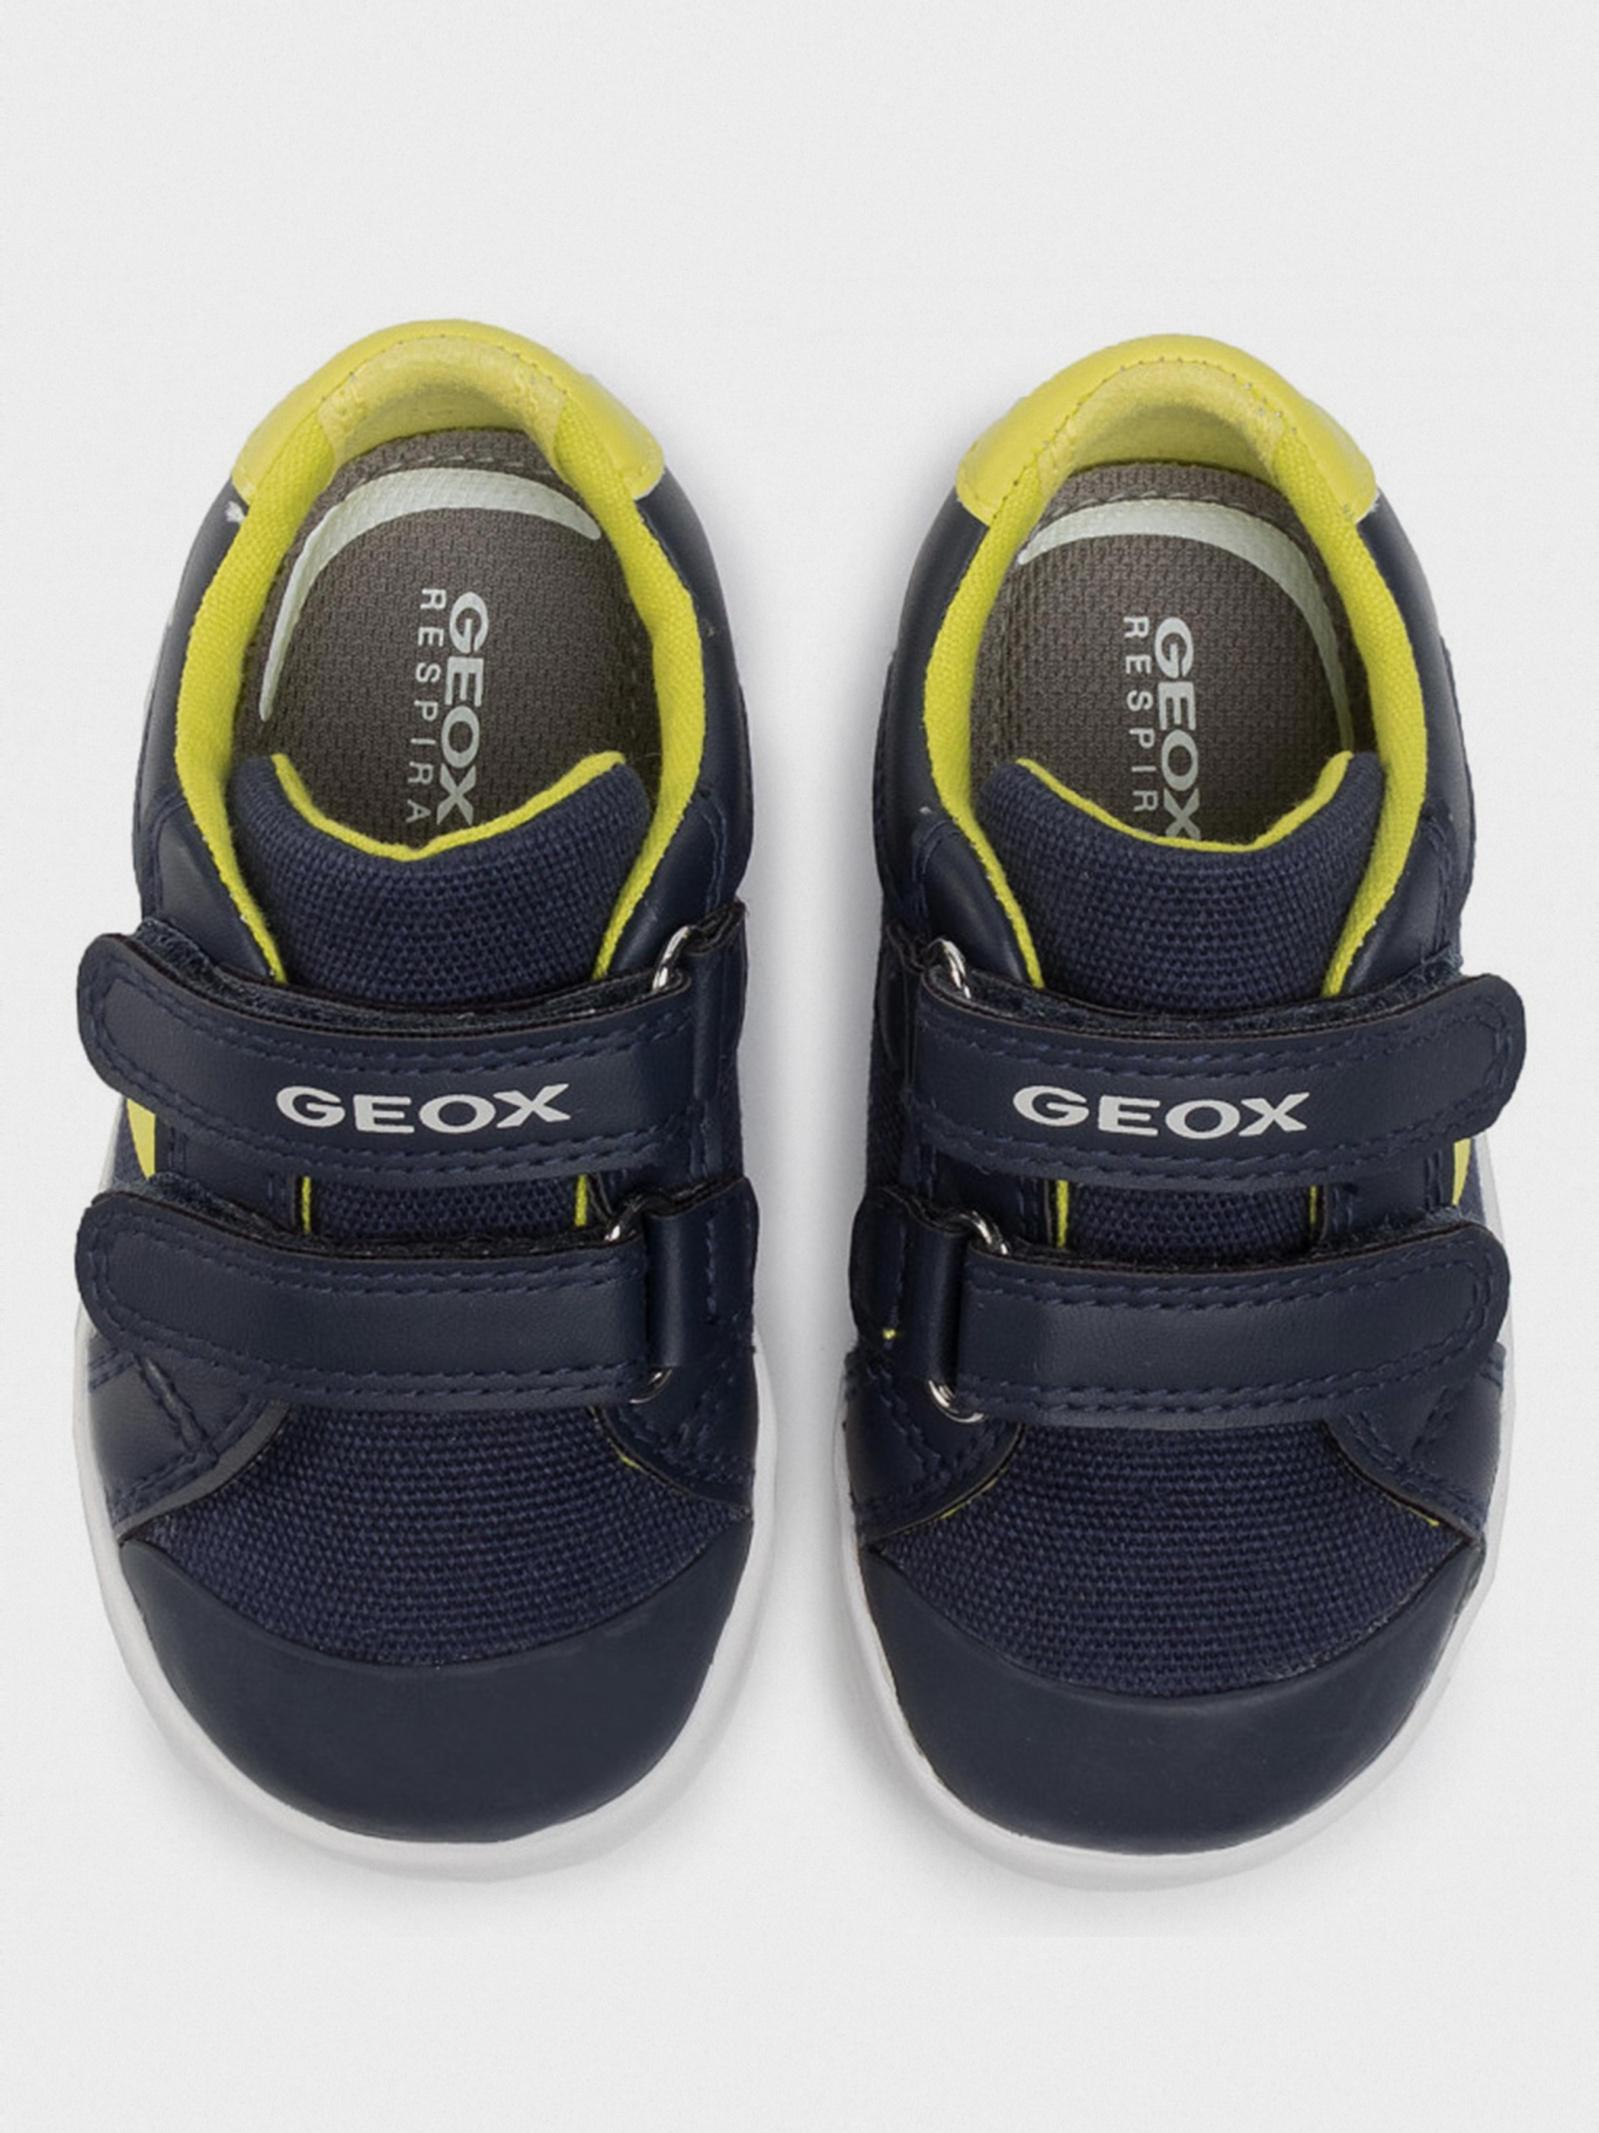 Полуботинки для детей Geox B GISLI BOY B021NB-01054-C0749 брендовая обувь, 2017